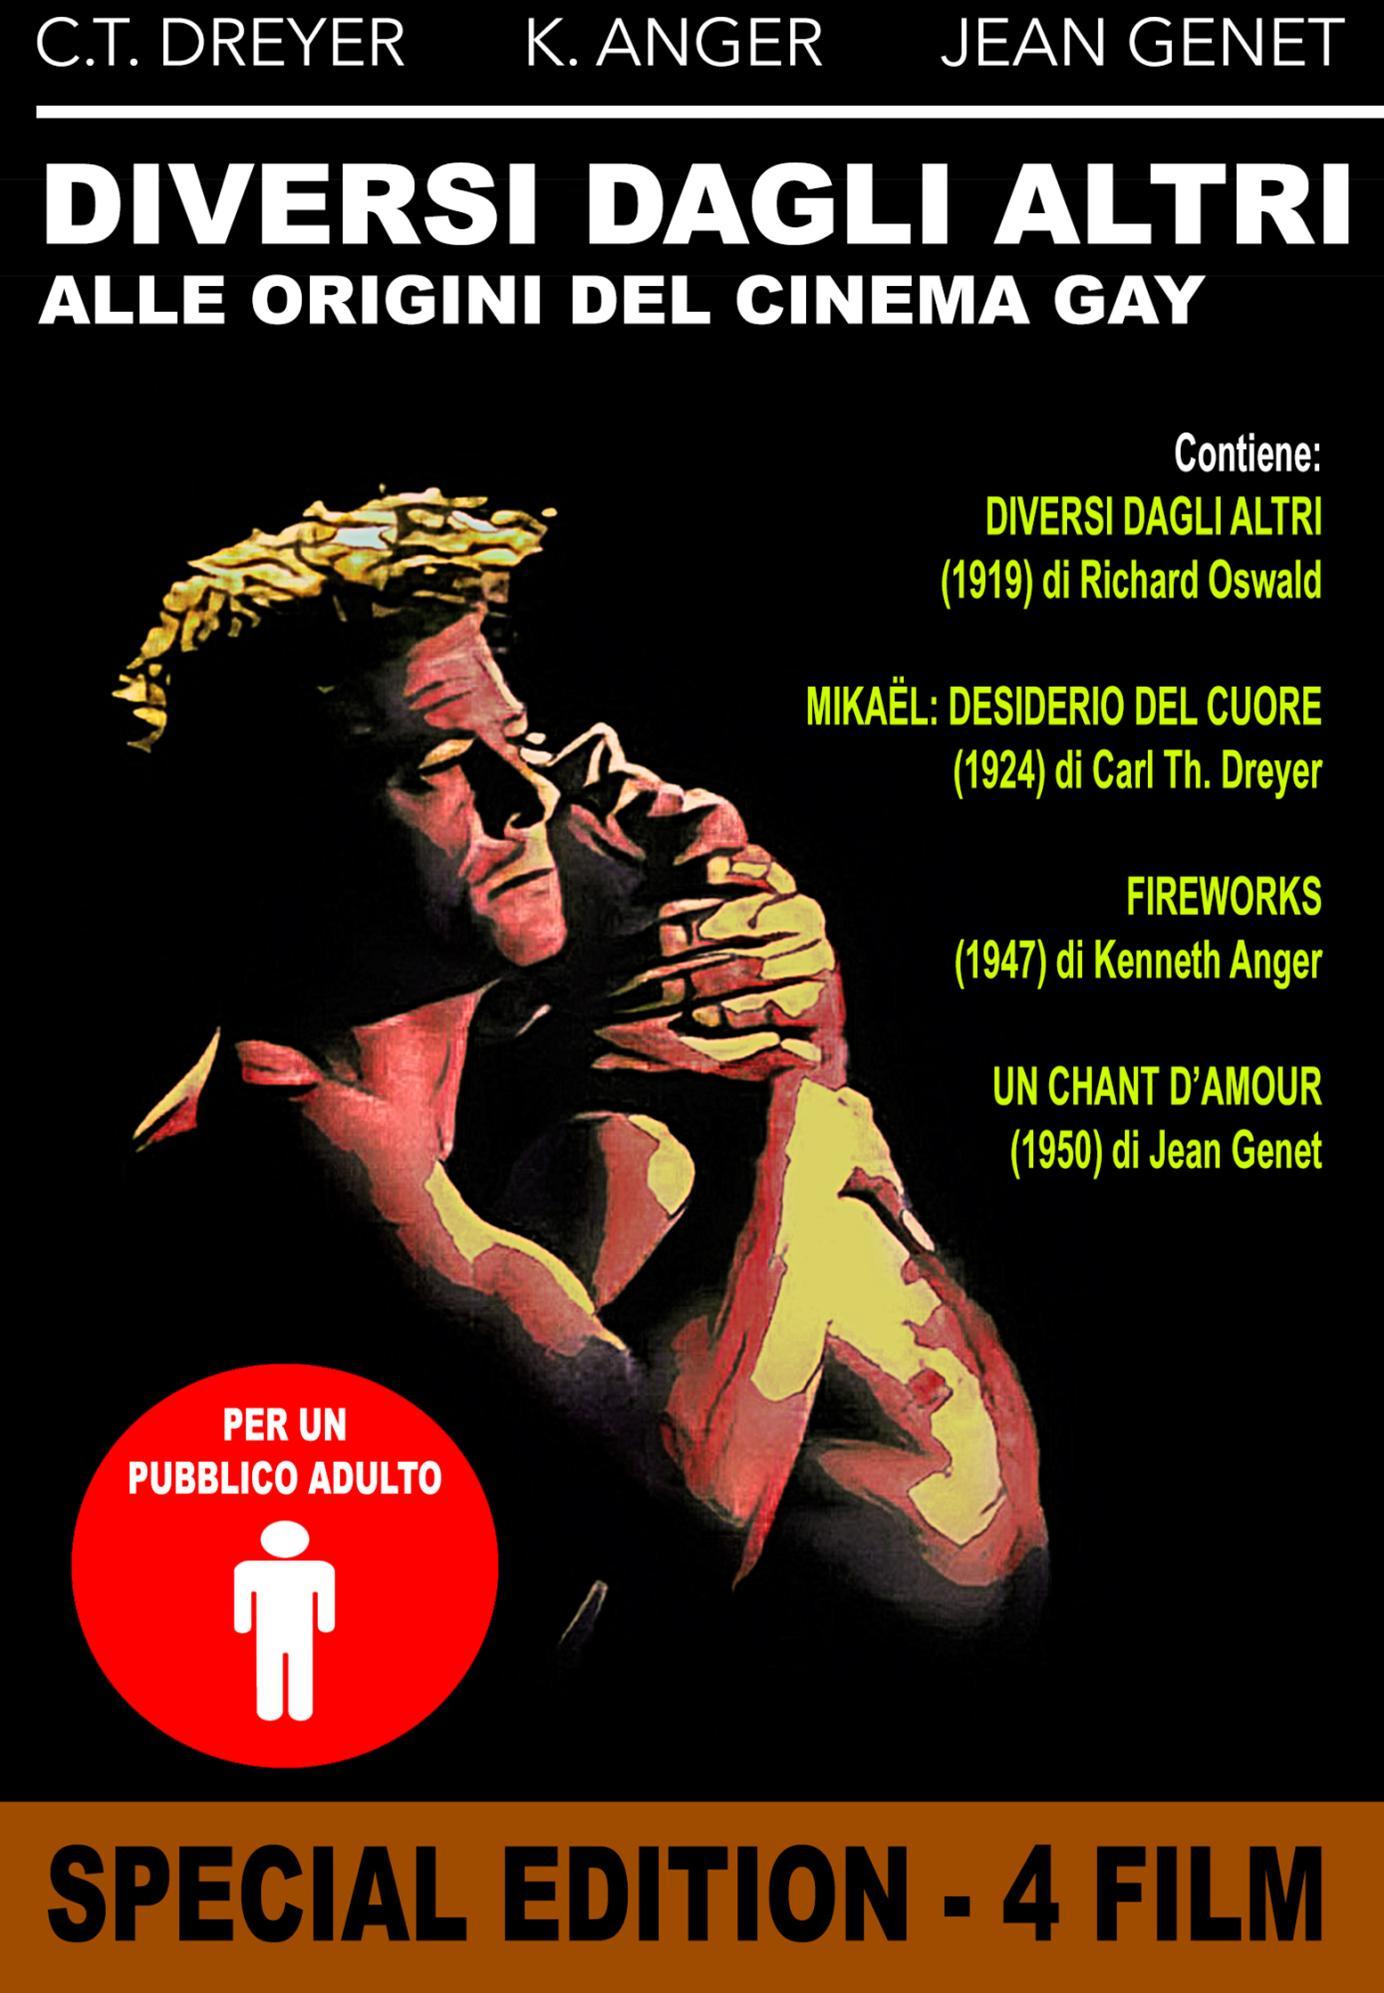 DIVERSI DAGLI ALTRI: ALLE ORIGINI DEL CINEMA GAY (DVD)